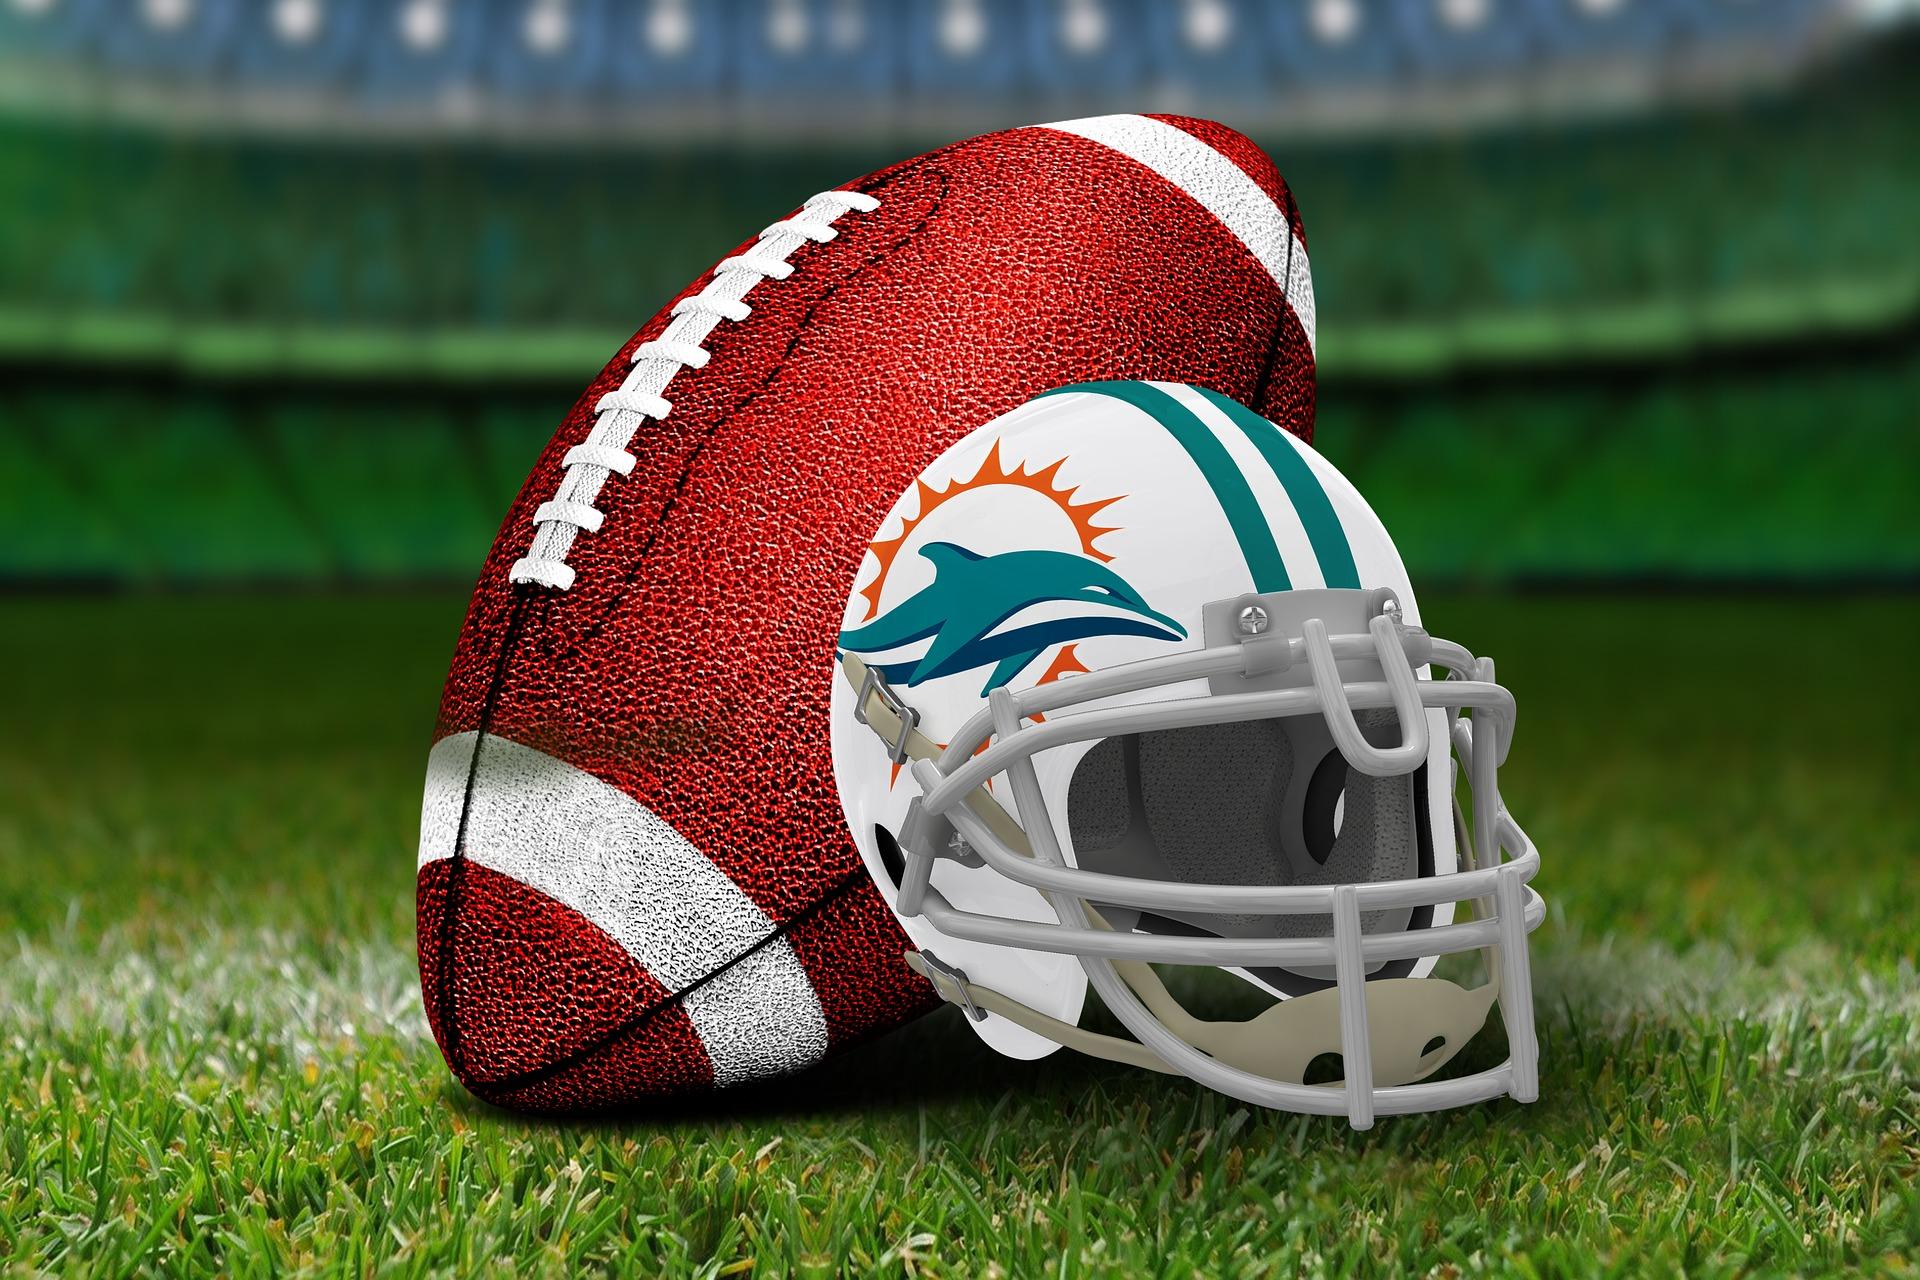 Sportevenemang   Hela elva olika klubbar i USA:s högsta sportligor är hemmahörande i delstaten Florida. I baseball-ligan (MLB) återfinns Miami Marlins och Tampa Bay Rays. I NBA Orlando Magic och Miami Heat, i MLS finns också två klubbar i Florida-området: Inter Miami och Orlando City. Två lag är hemmahörande i NHL i Florida Panthers och Tampa Bay Lightning. Tre klubbar spelar i NFL i Miami Dolphins, Jacksonville Jaguars samt Tampa Bay Buccaneers.